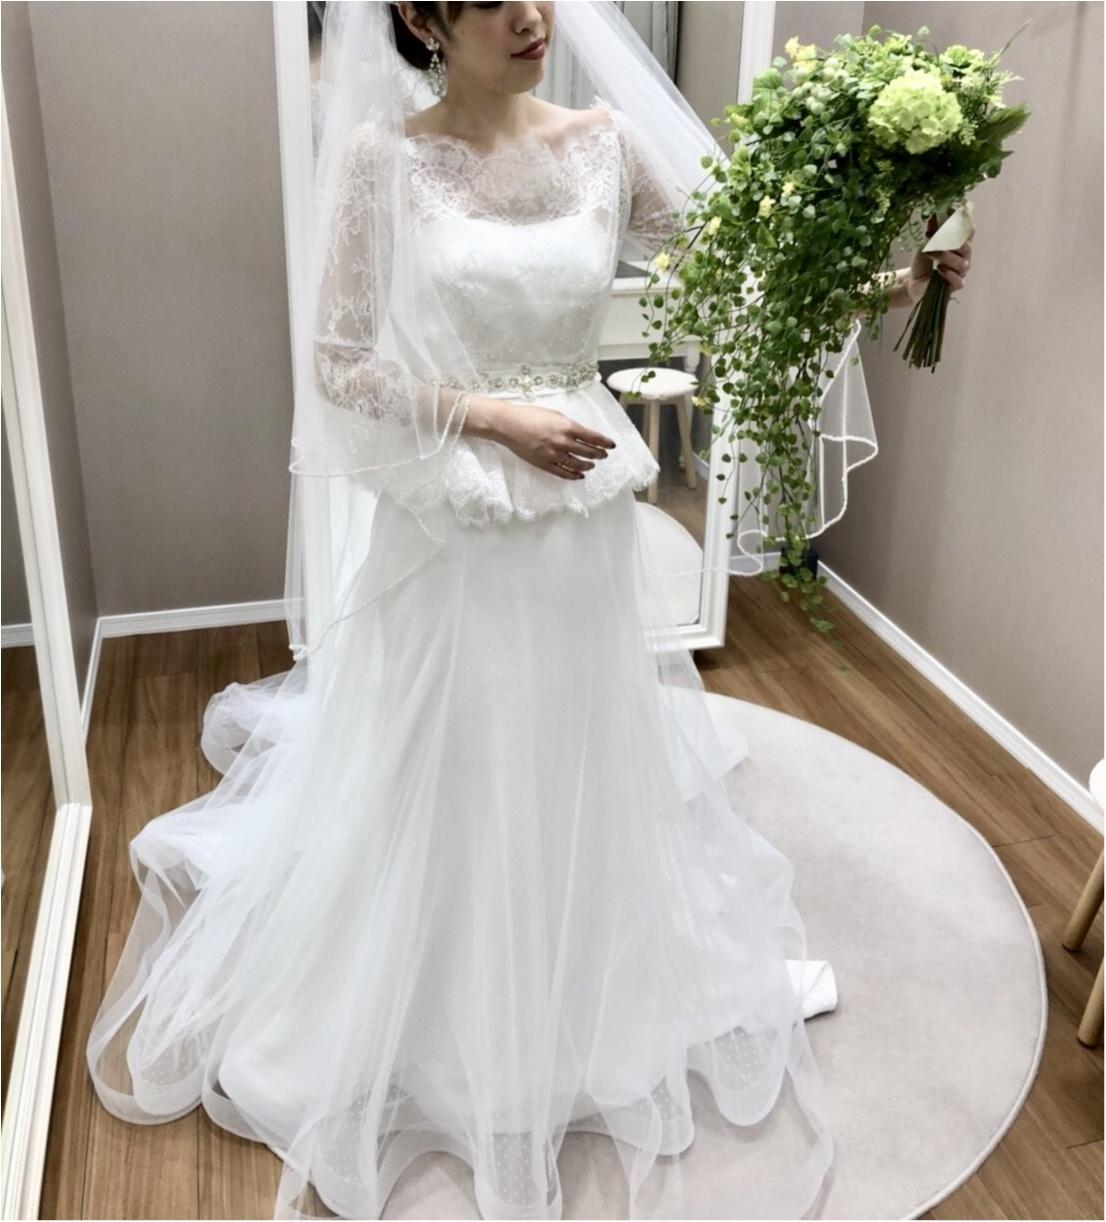 結婚式特集《ウェディングドレス編》- 20代に人気の種類やブランドは?_18